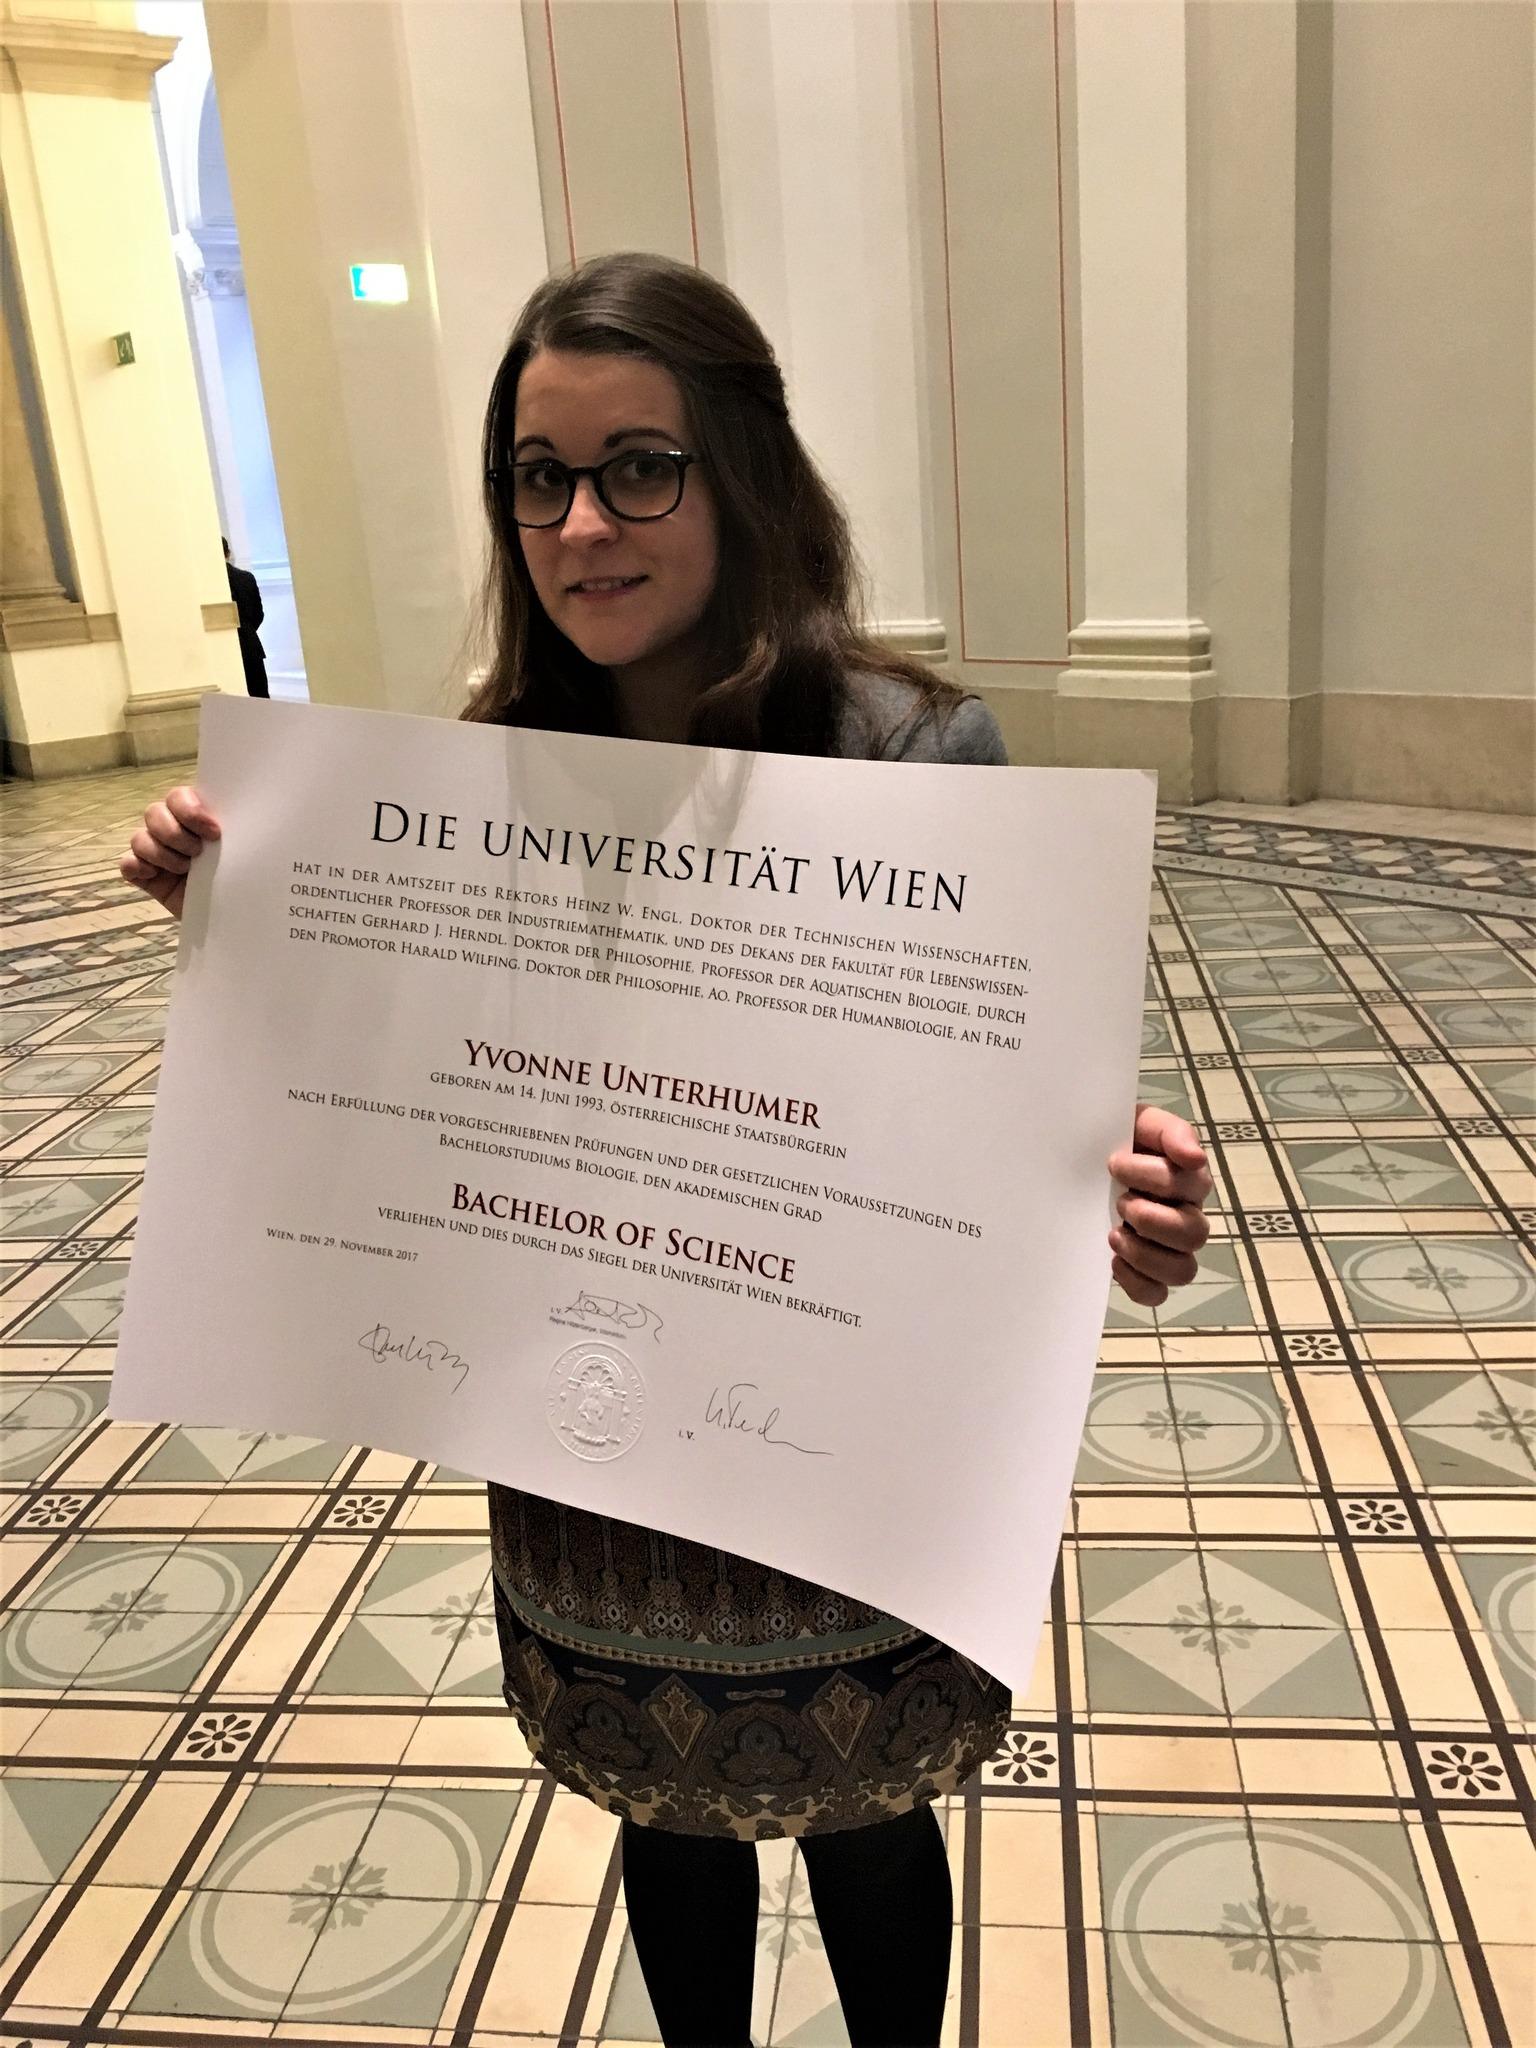 Purgstallerin Erhielt Bachelor Of Science Scheibbs